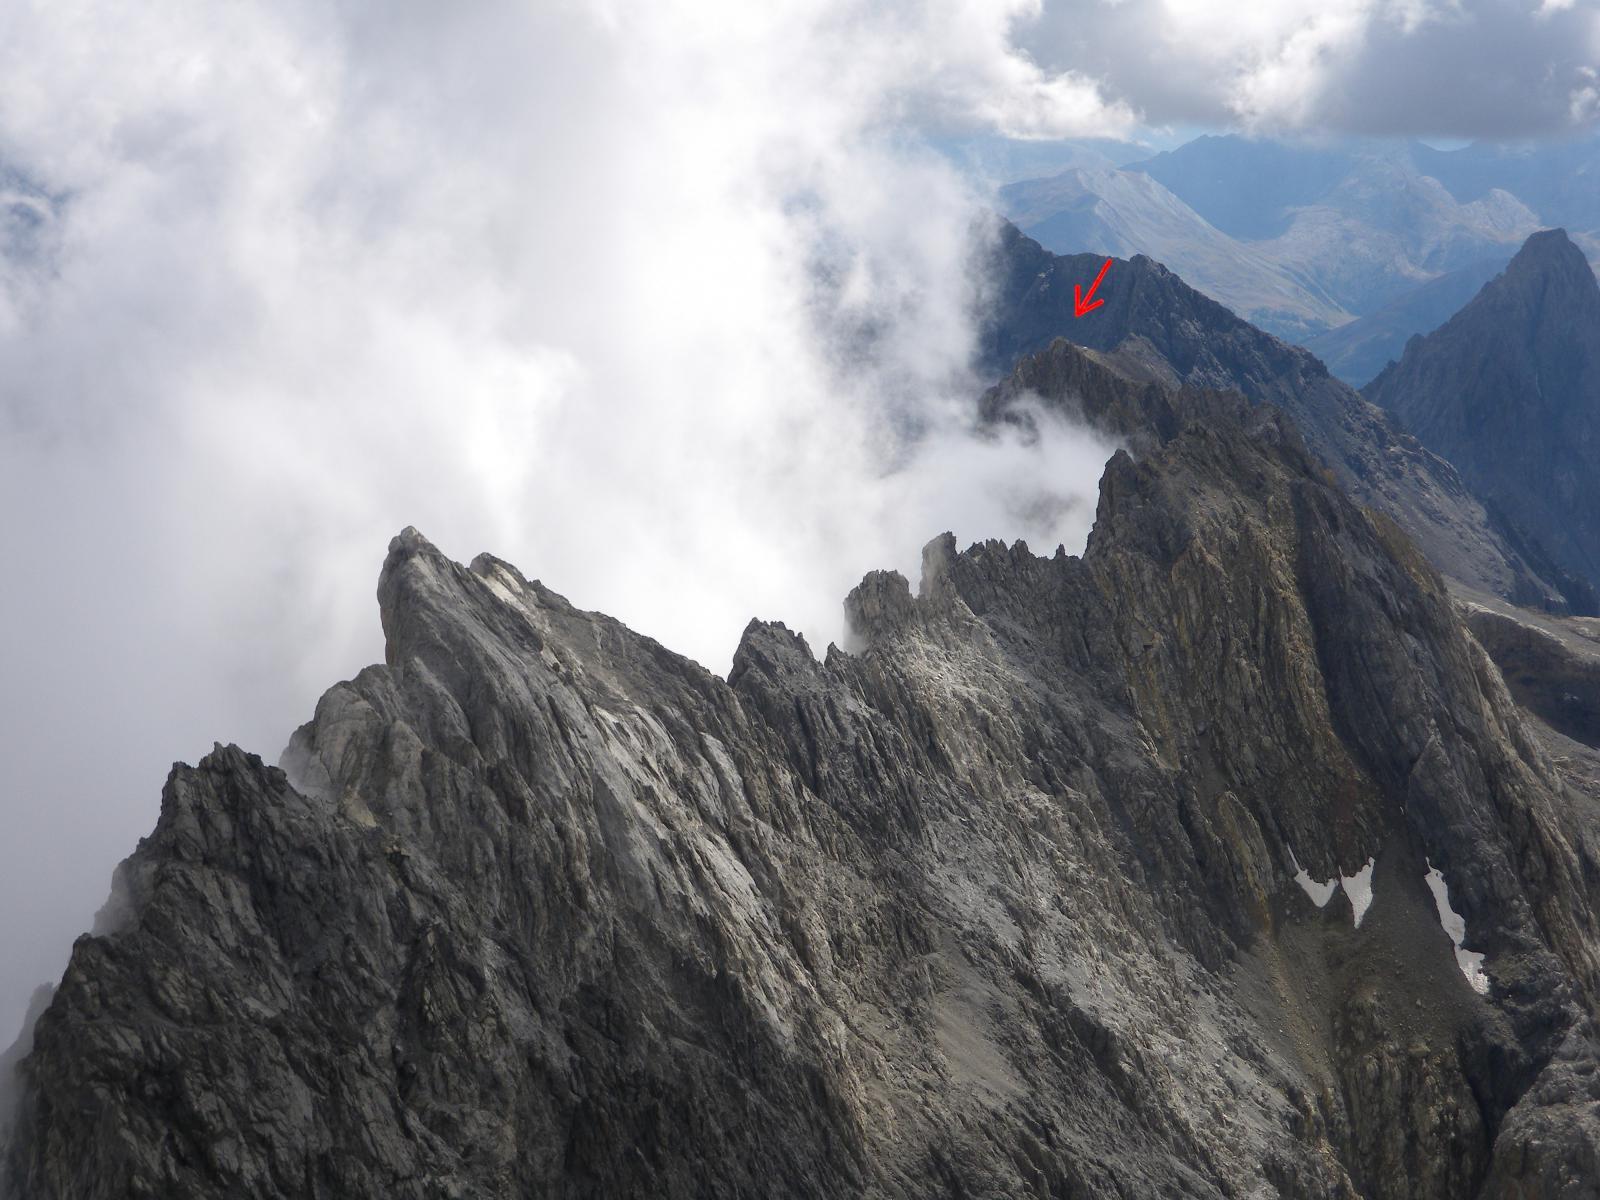 Dalla cima del Brec il primo tratto di cresta dal Buc de Nubiera (freccia) al Pariàs Coupà (elevazione più alta verso sinistra)